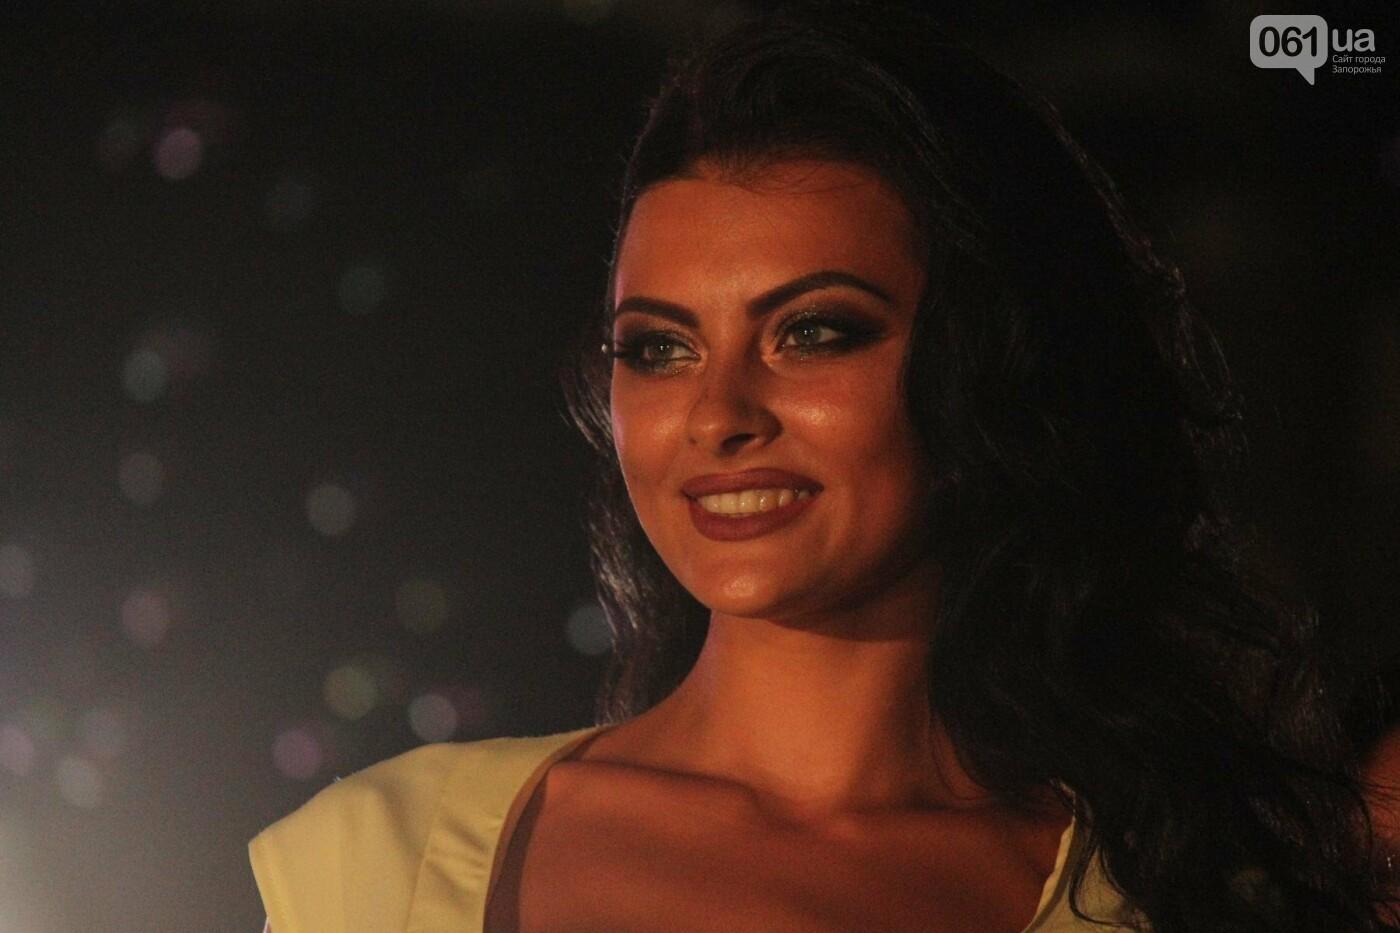 «Miss AVRORA Summer 2018»: в Запорожье на конкурсе красоты выбрали самую красивую девушку, – ФОТОРЕПОРТАЖ, фото-15